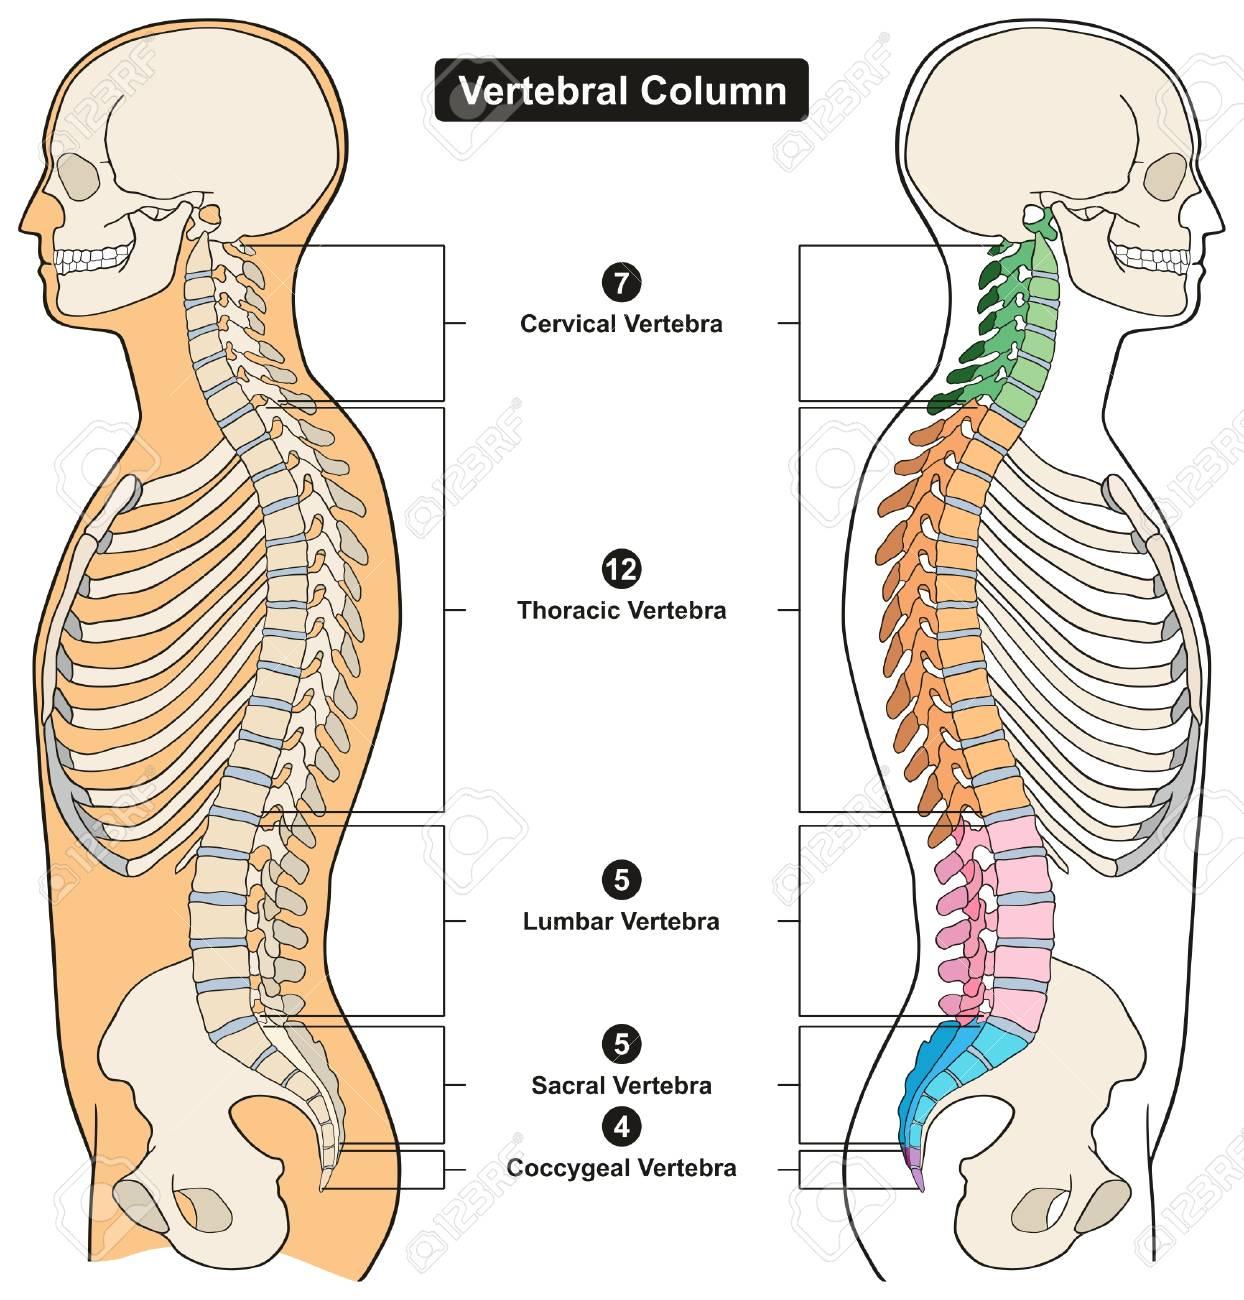 Columna Vertebral Del Cuerpo Humano Diagrama De Infografía De ...